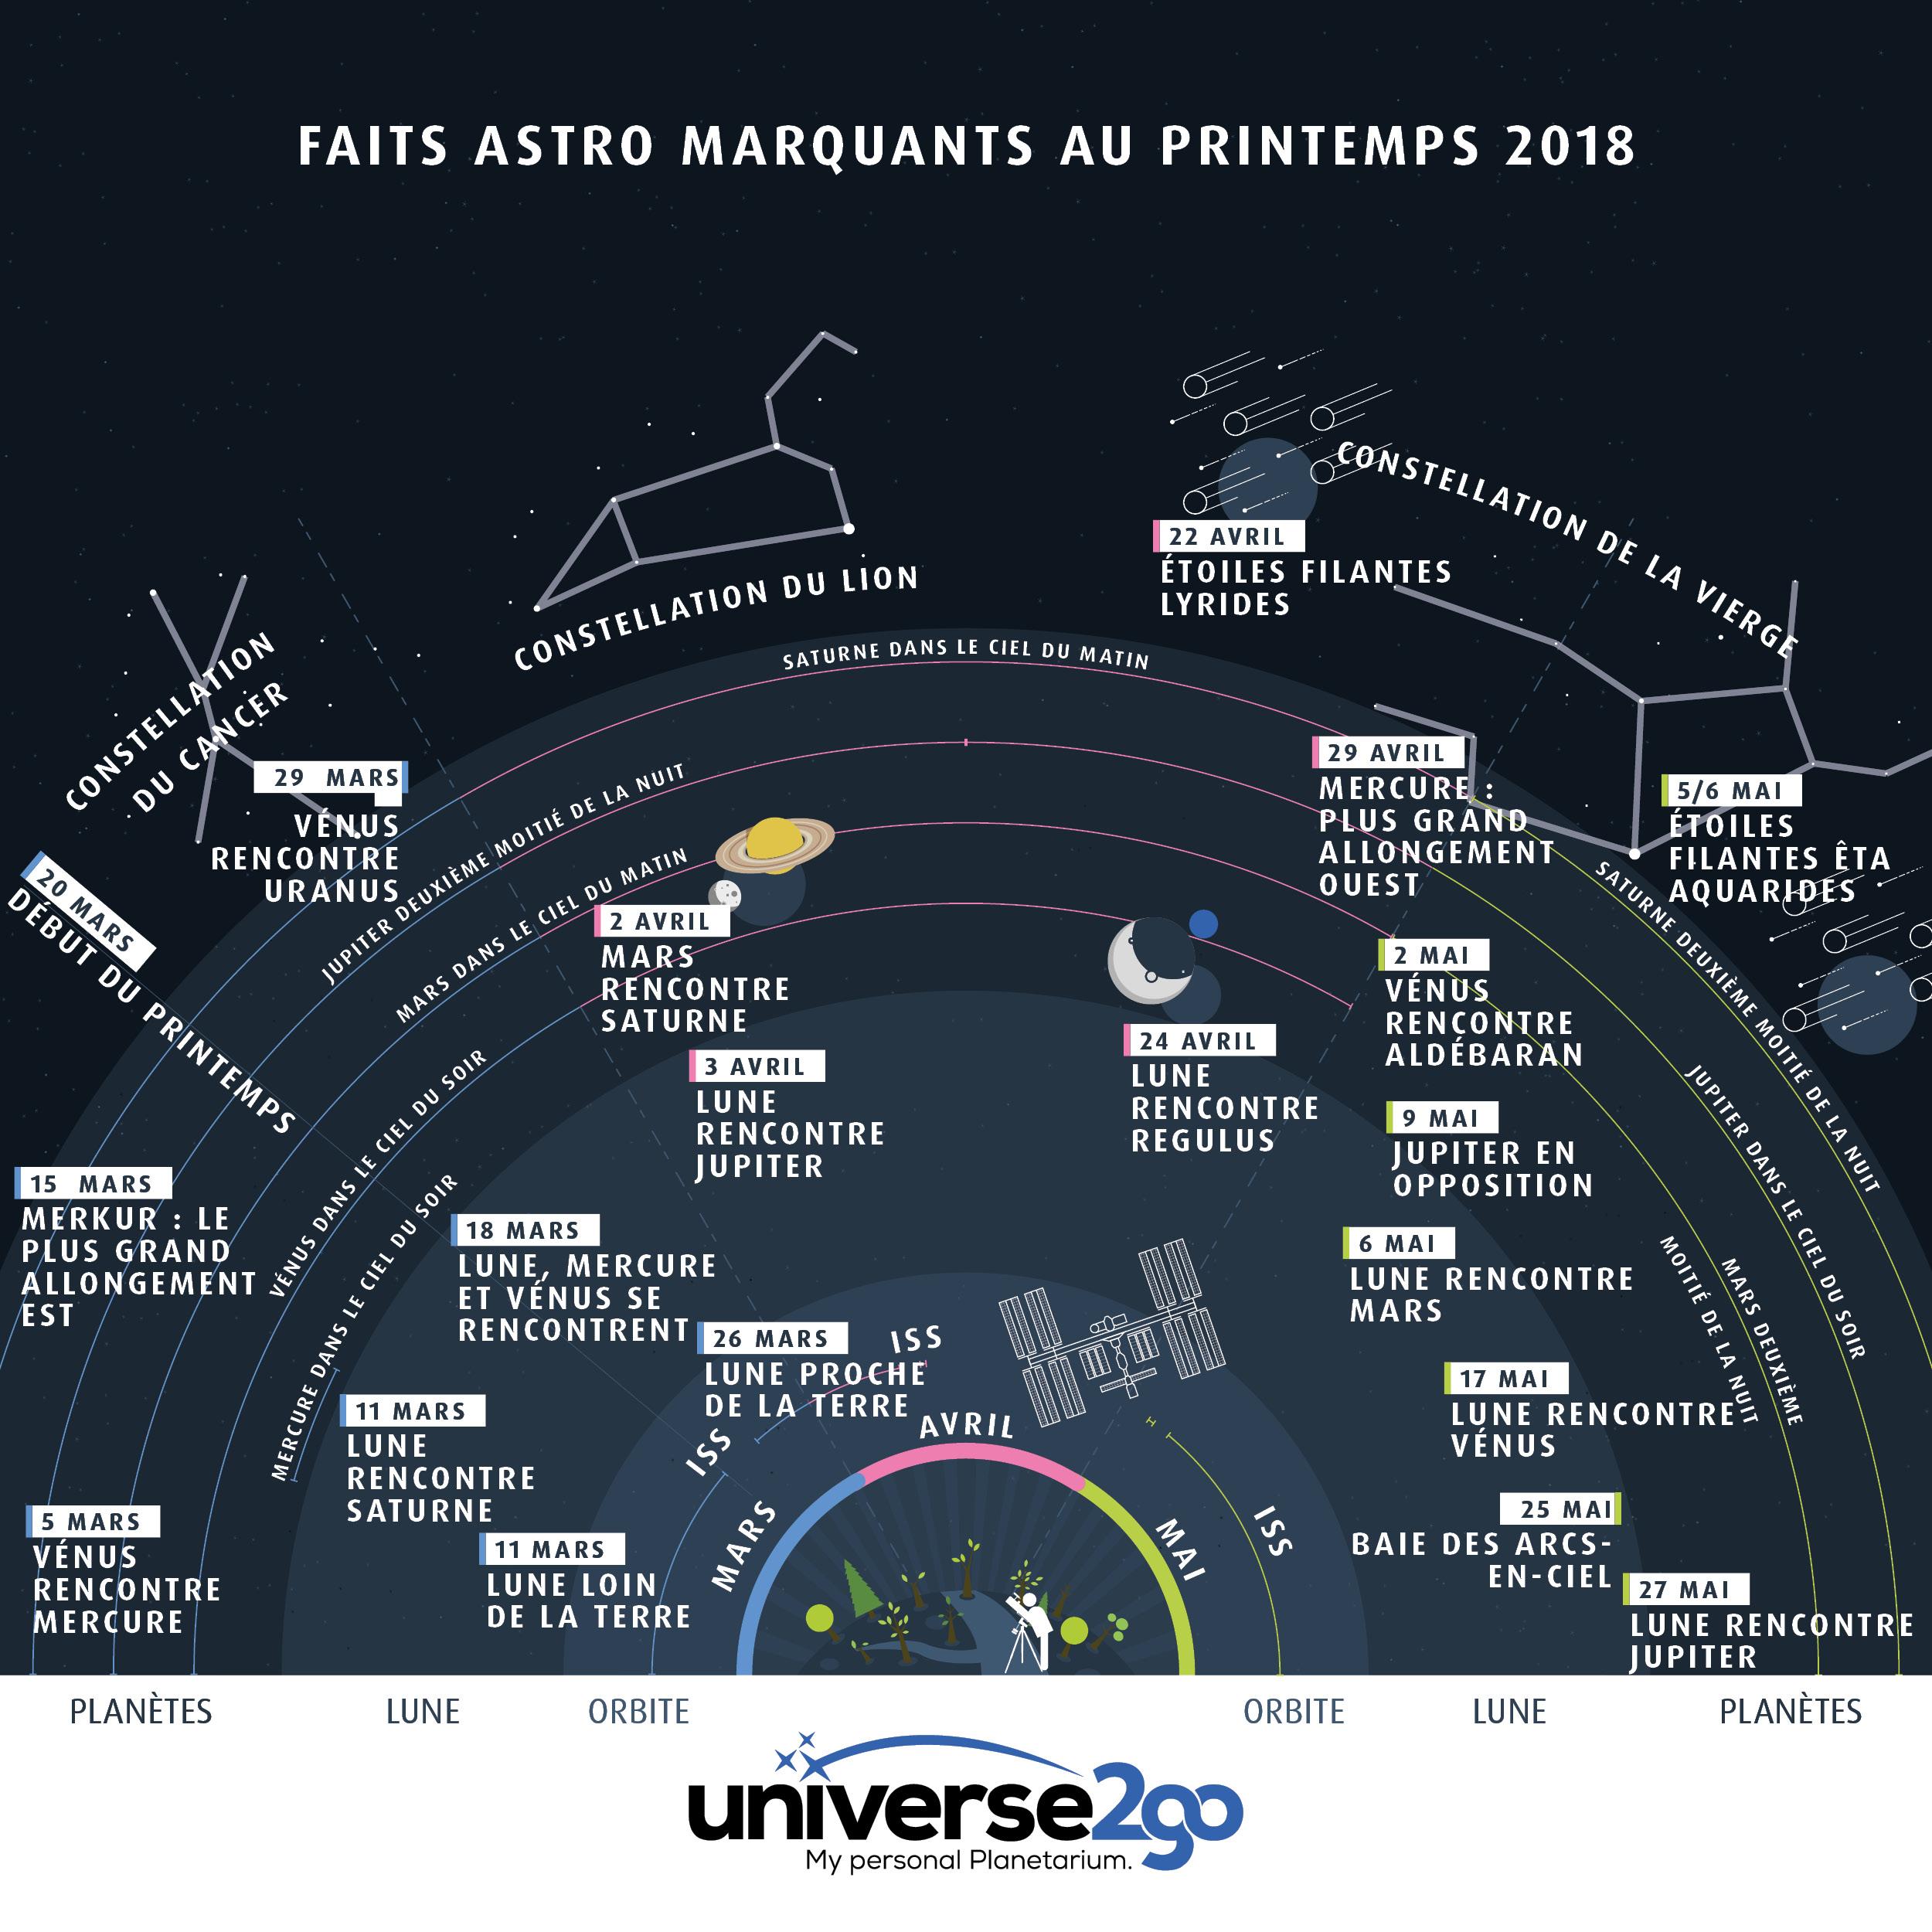 info-graphie-printemps-evenements-astronomiques-2018-tout-les-infos